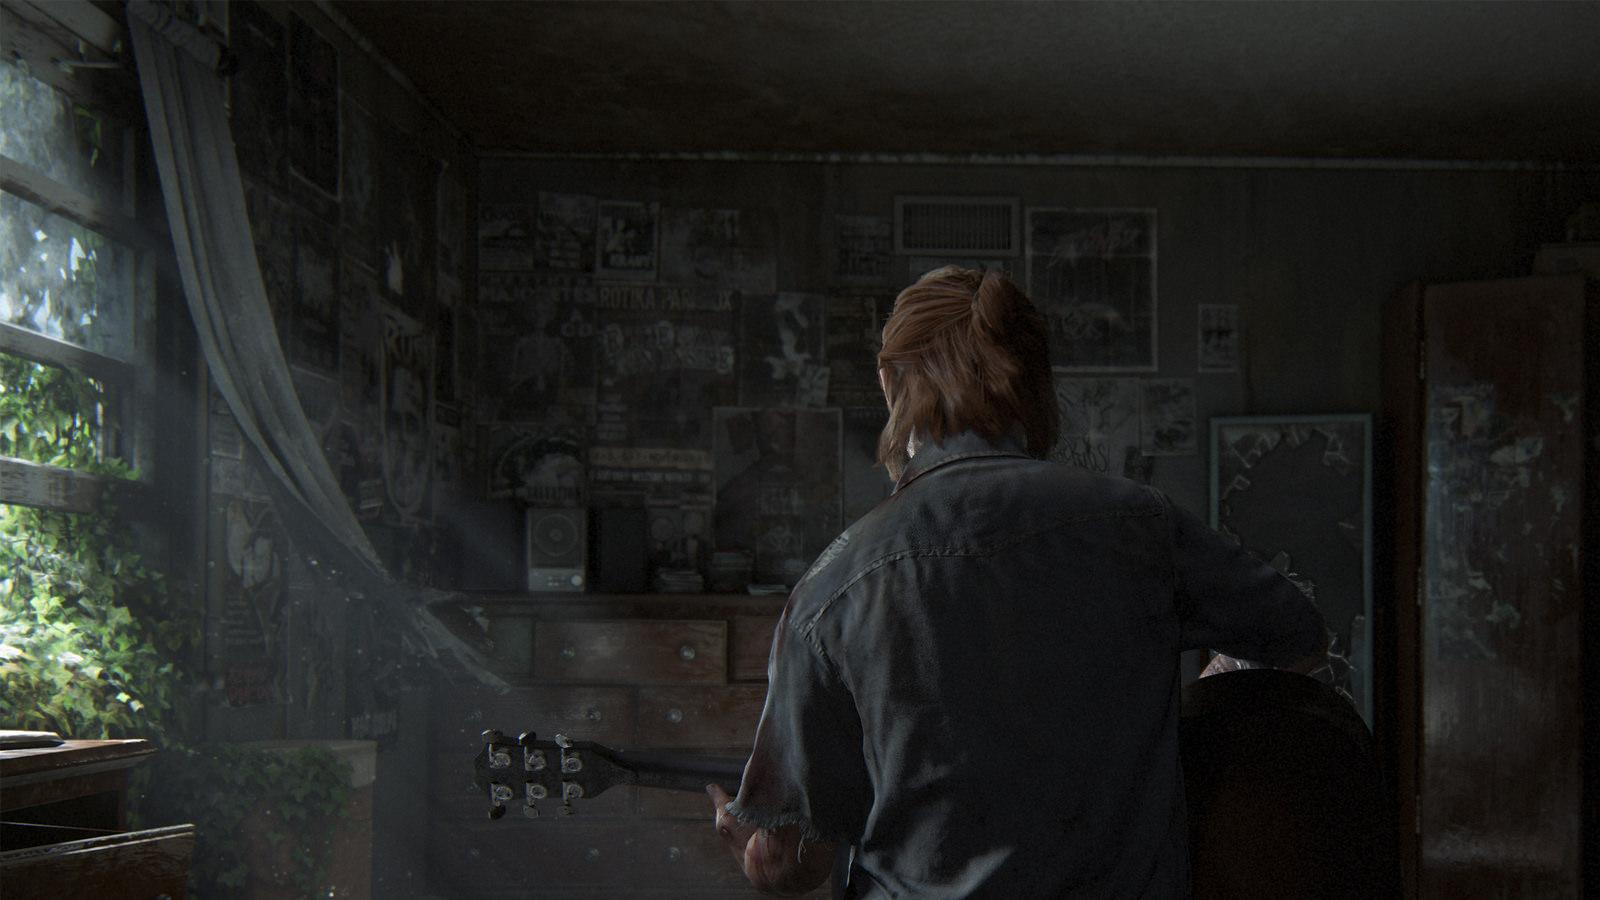 210 The Last Of Us Papéis De Parede Hd: Sony Disponibiliza Belíssimas Imagens Para Personalizar